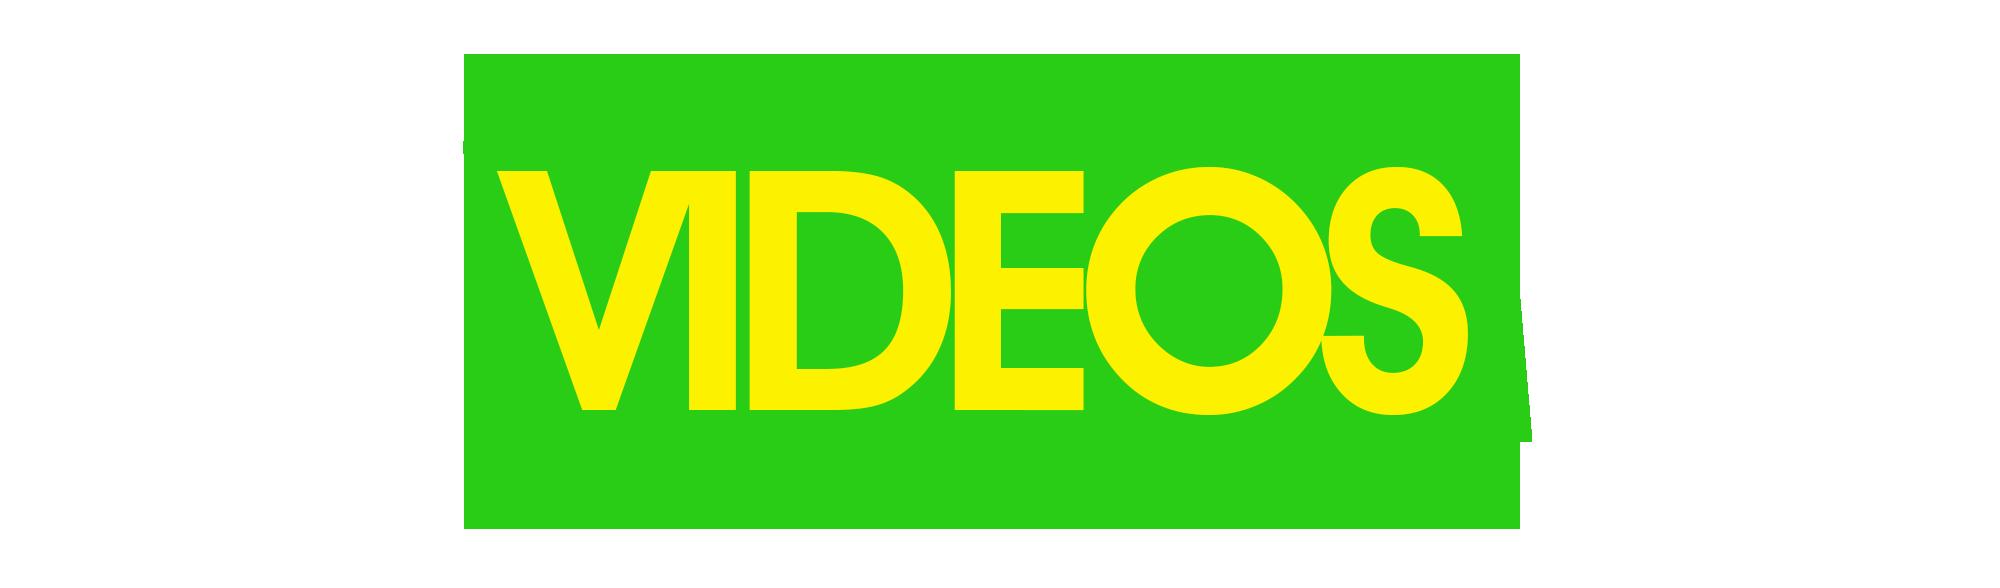 dj-cash-money-videos-header